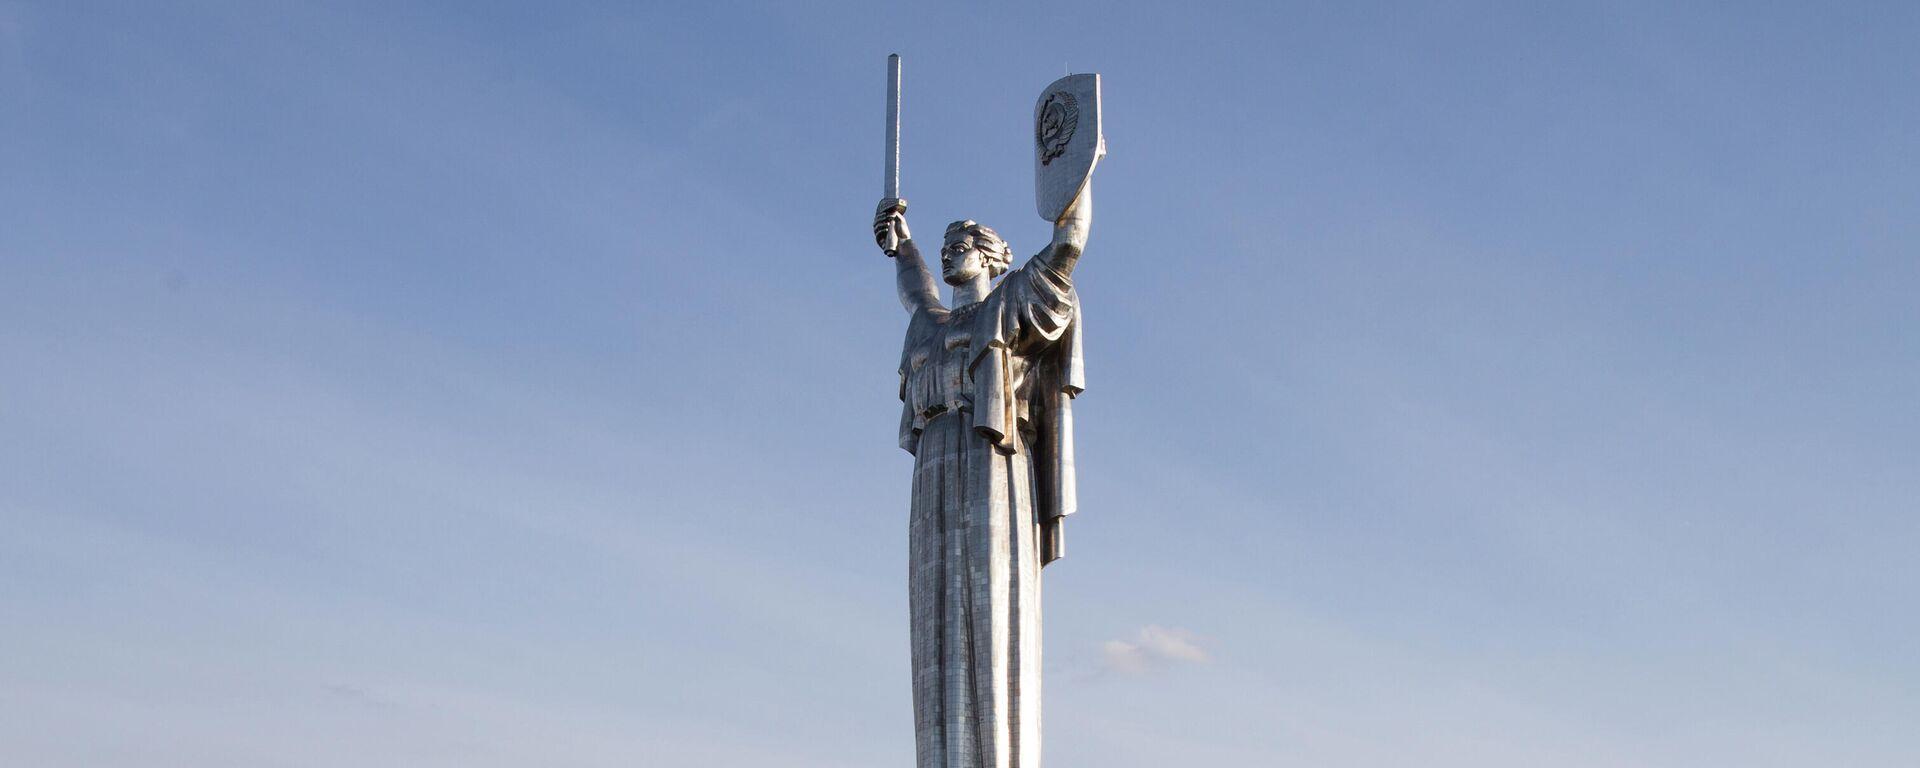 Монумент Родина-мать на территории мемориального комплекса Национальный музей истории Украины во Второй мировой войне в Киеве - Sputnik Таджикистан, 1920, 03.07.2021